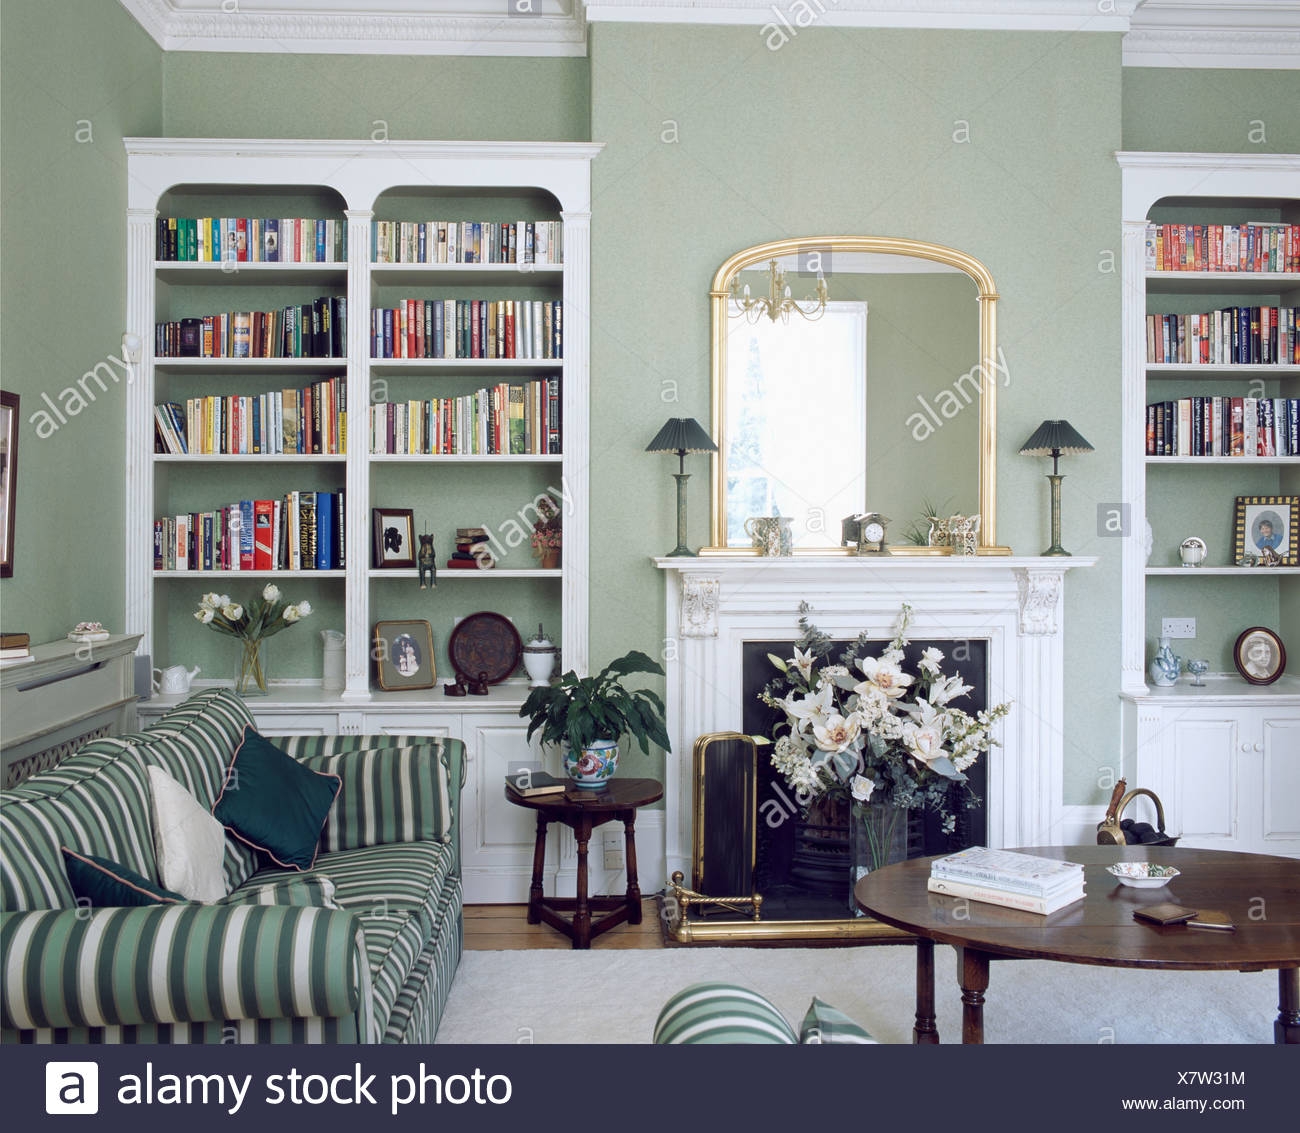 Weiße Regale Auf Beiden Seiten Der Kamin Im Wohnzimmer Grau Grün Mit Grün +  Weiß Gestreiften Sofa Und Antiker Tisch Ausgestattet